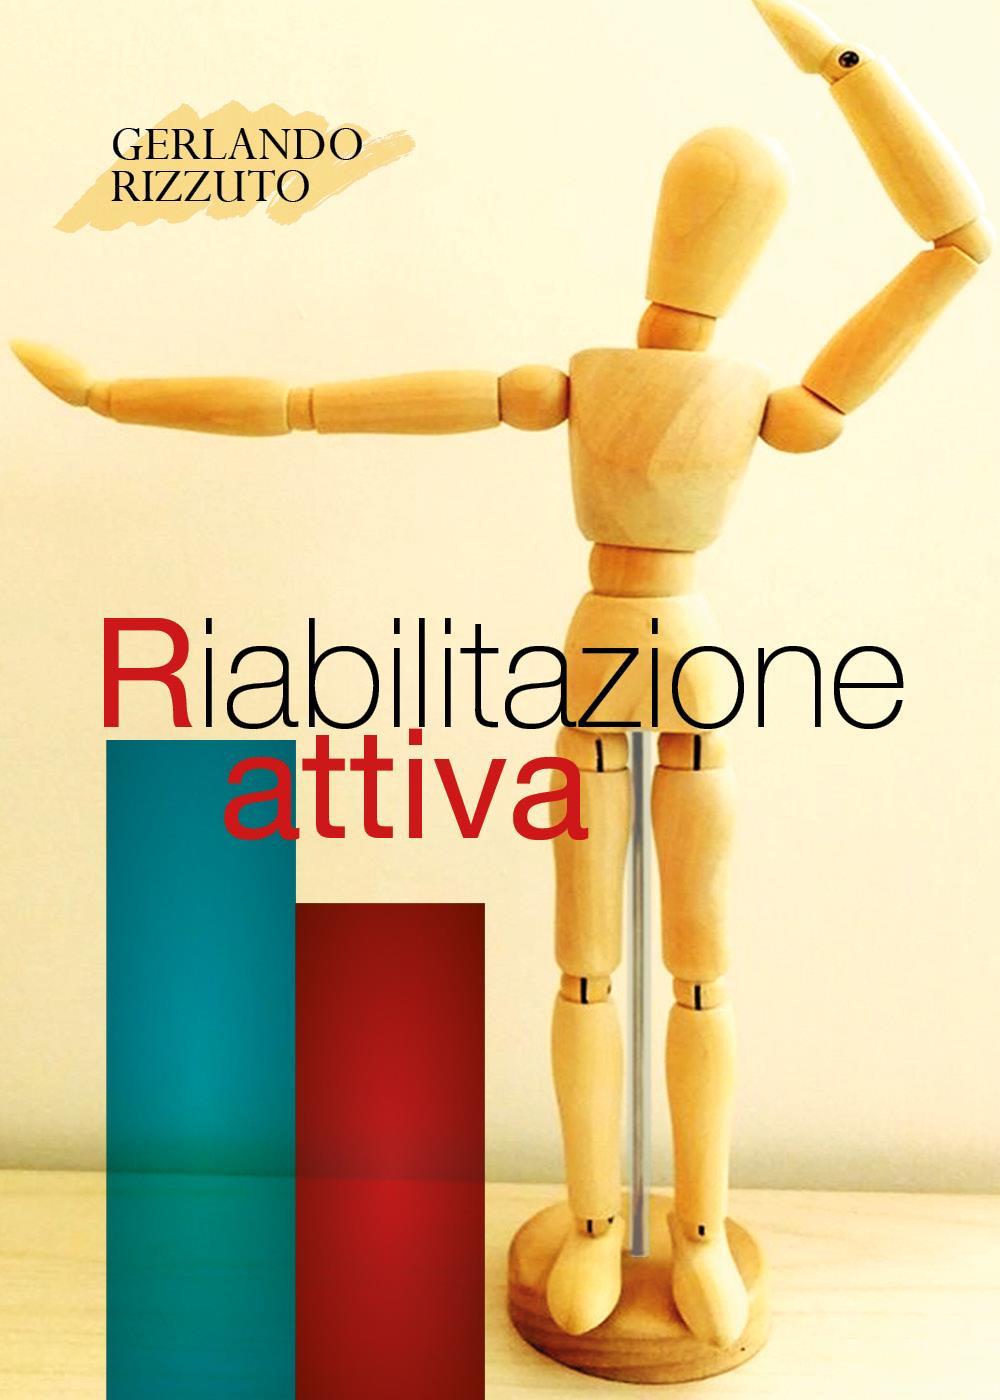 Riabilitazione attiva